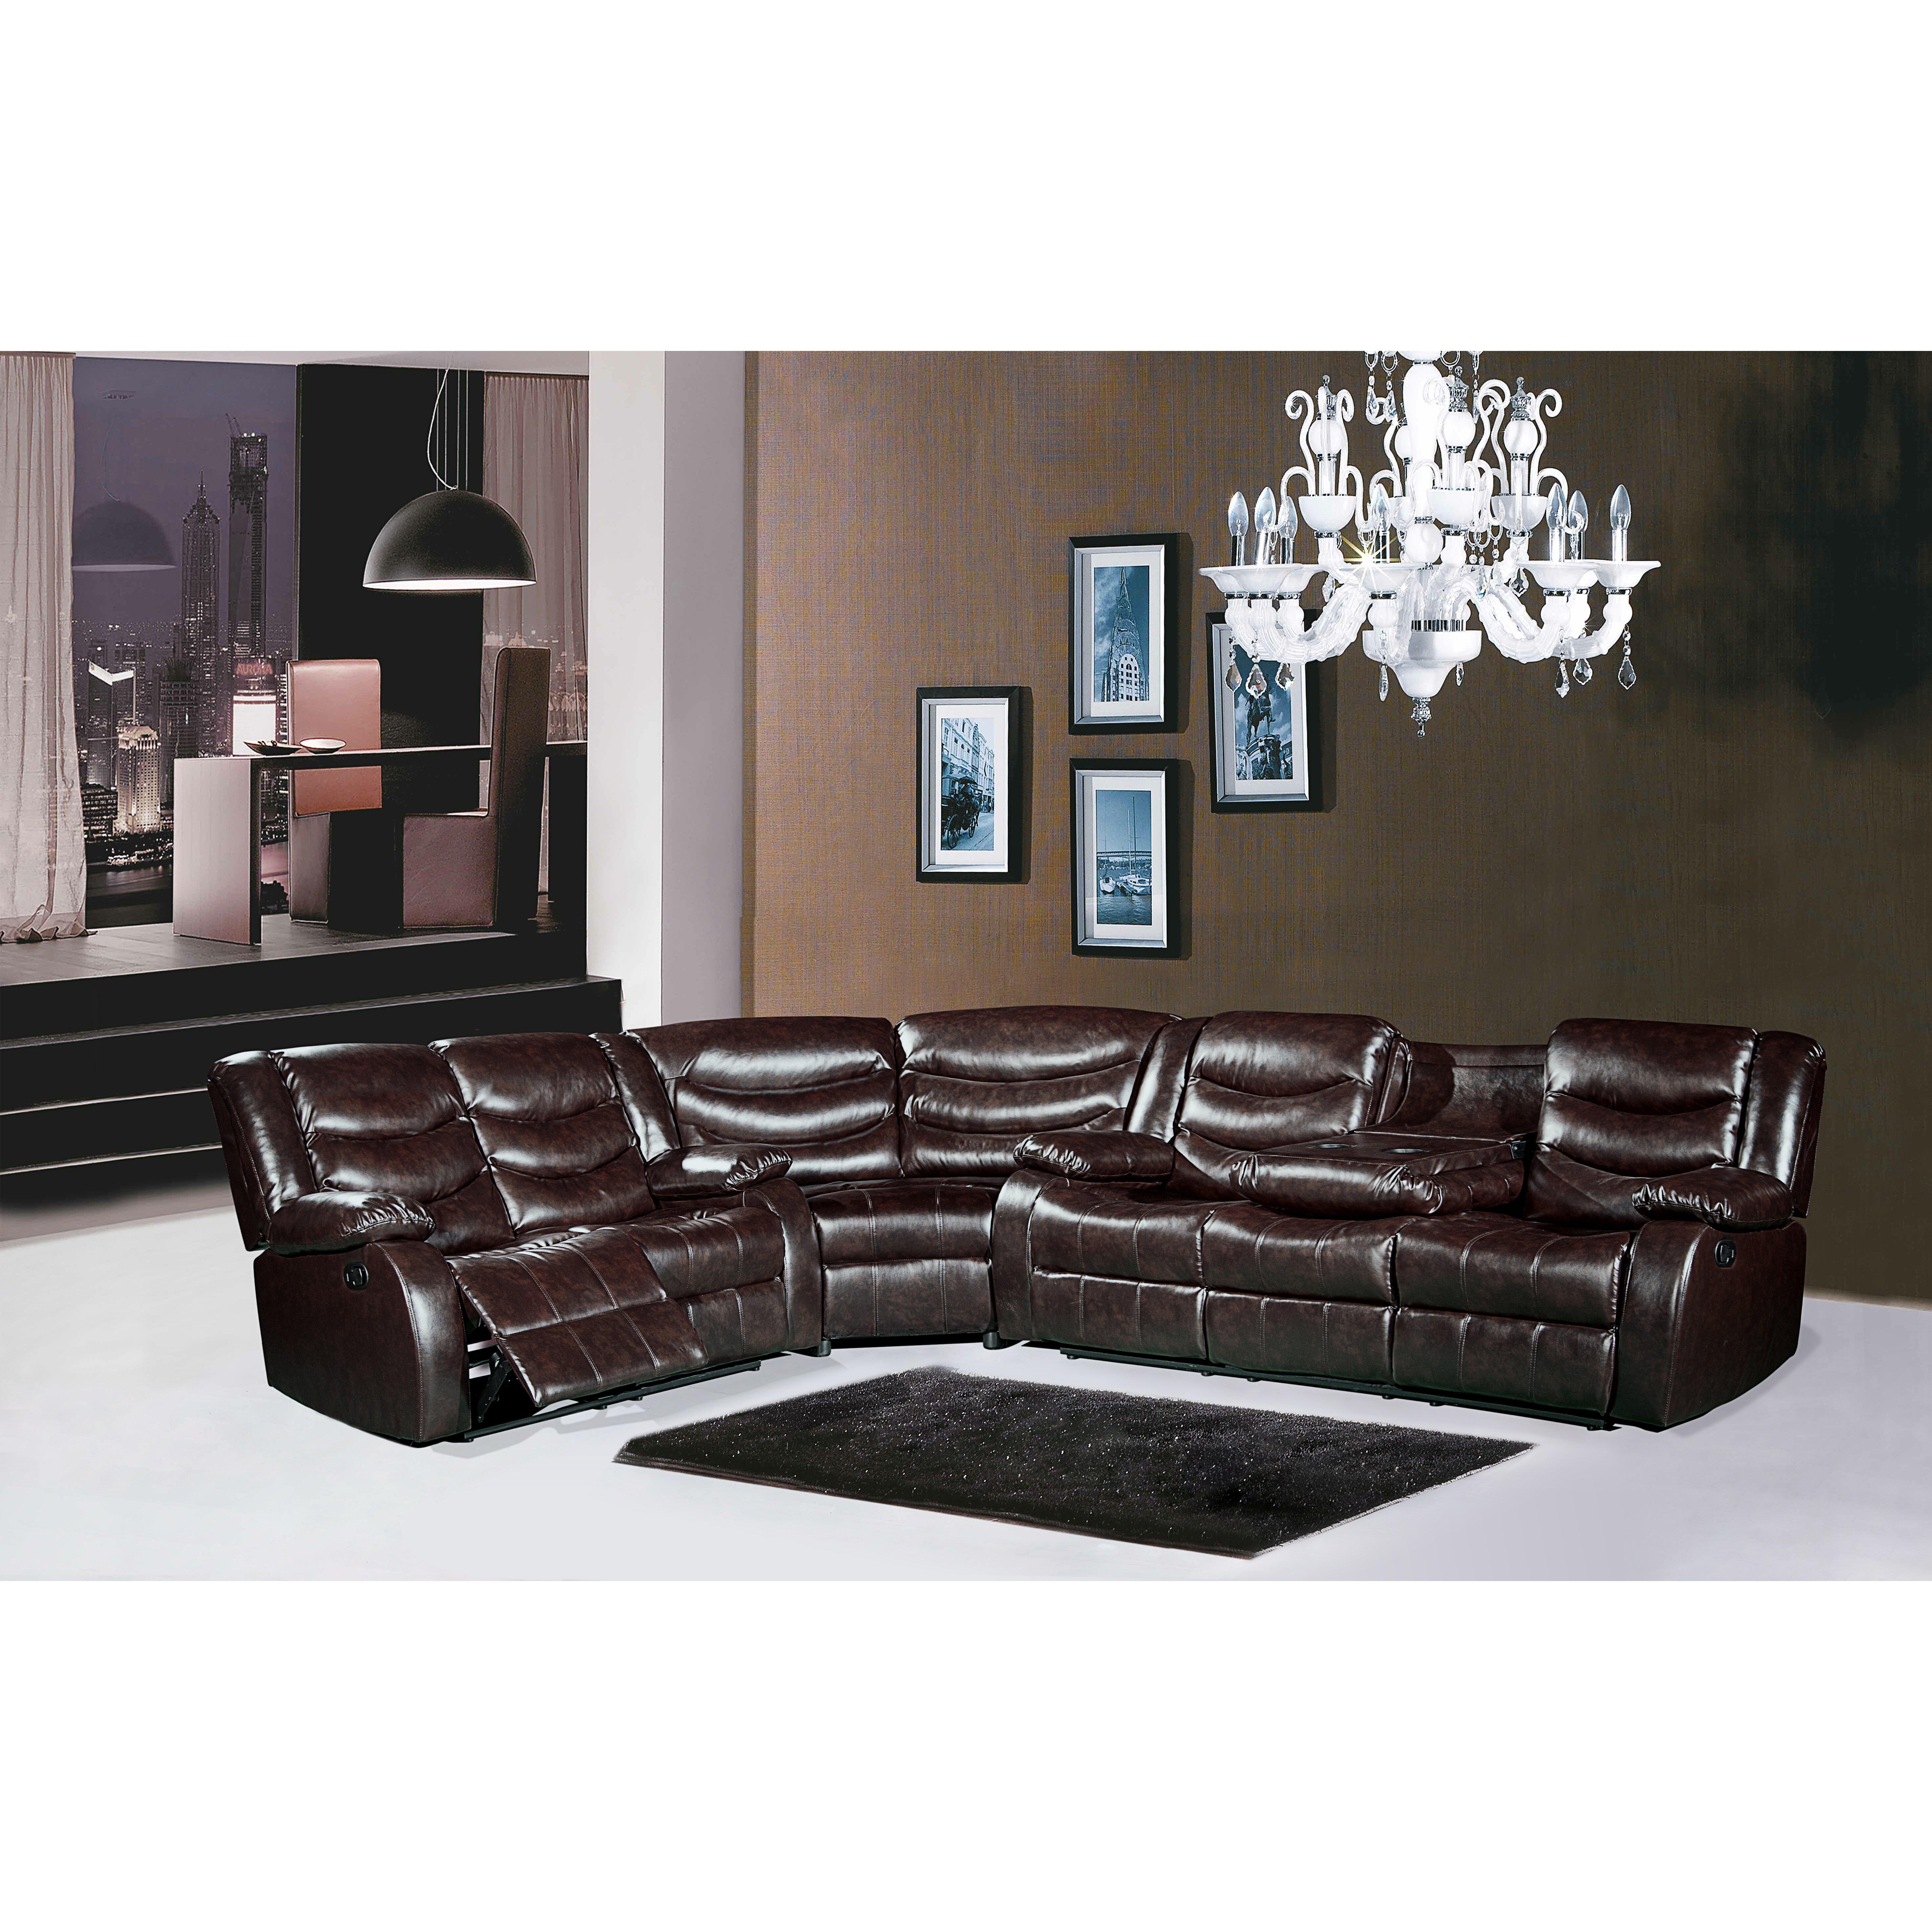 Meridian Furniture Usa Sectional Reviews Wayfair